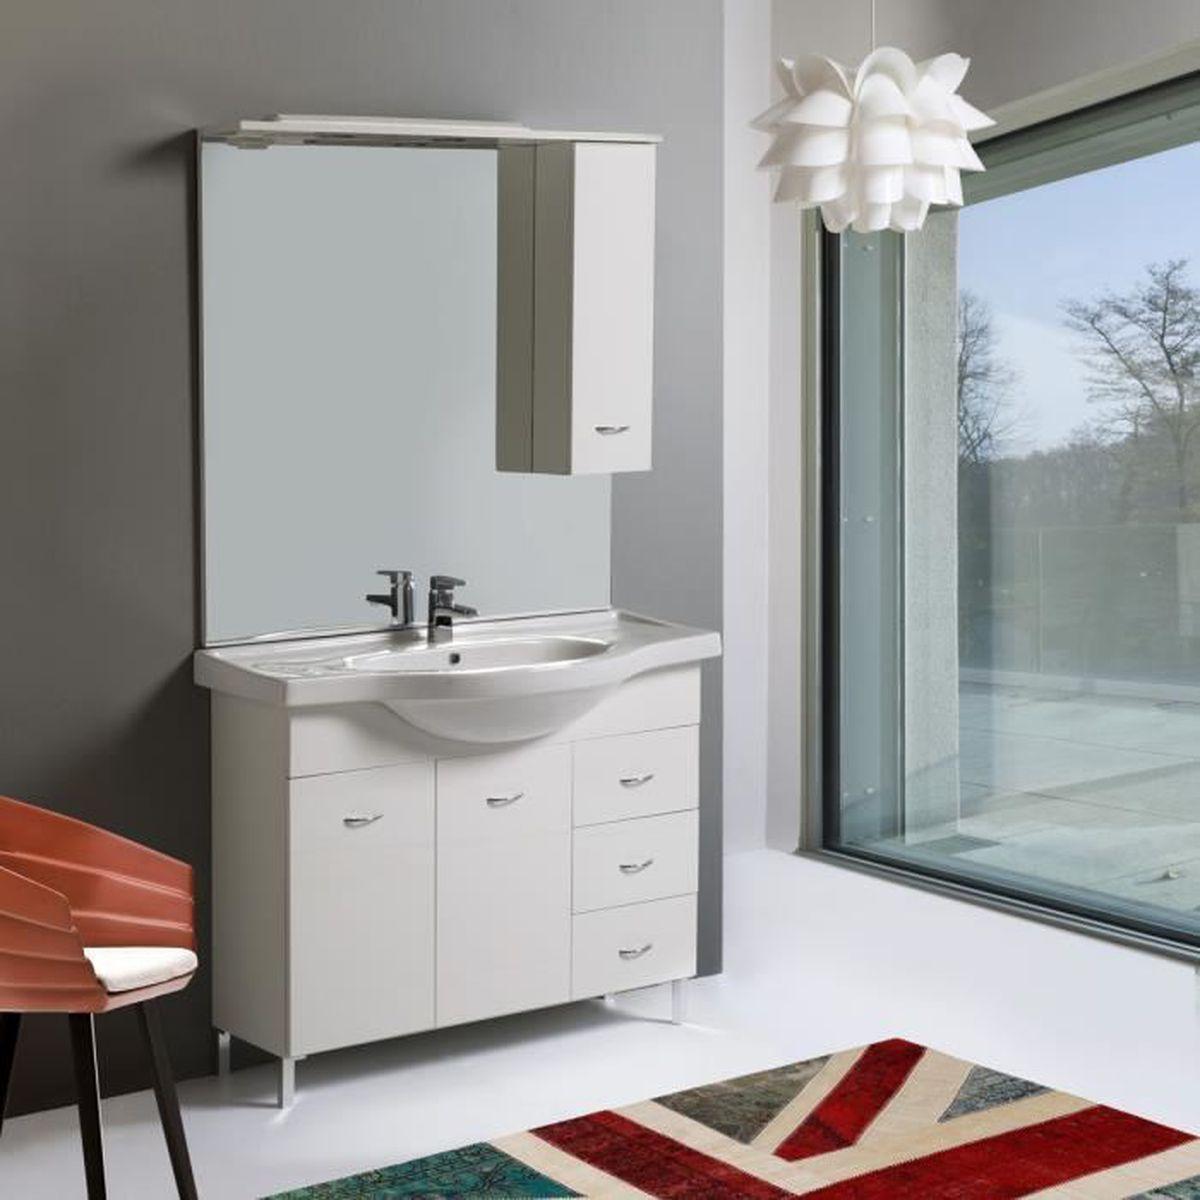 Modelle Salle De Bain meubles de salle de bain mobile de 105 cm modÈle perla